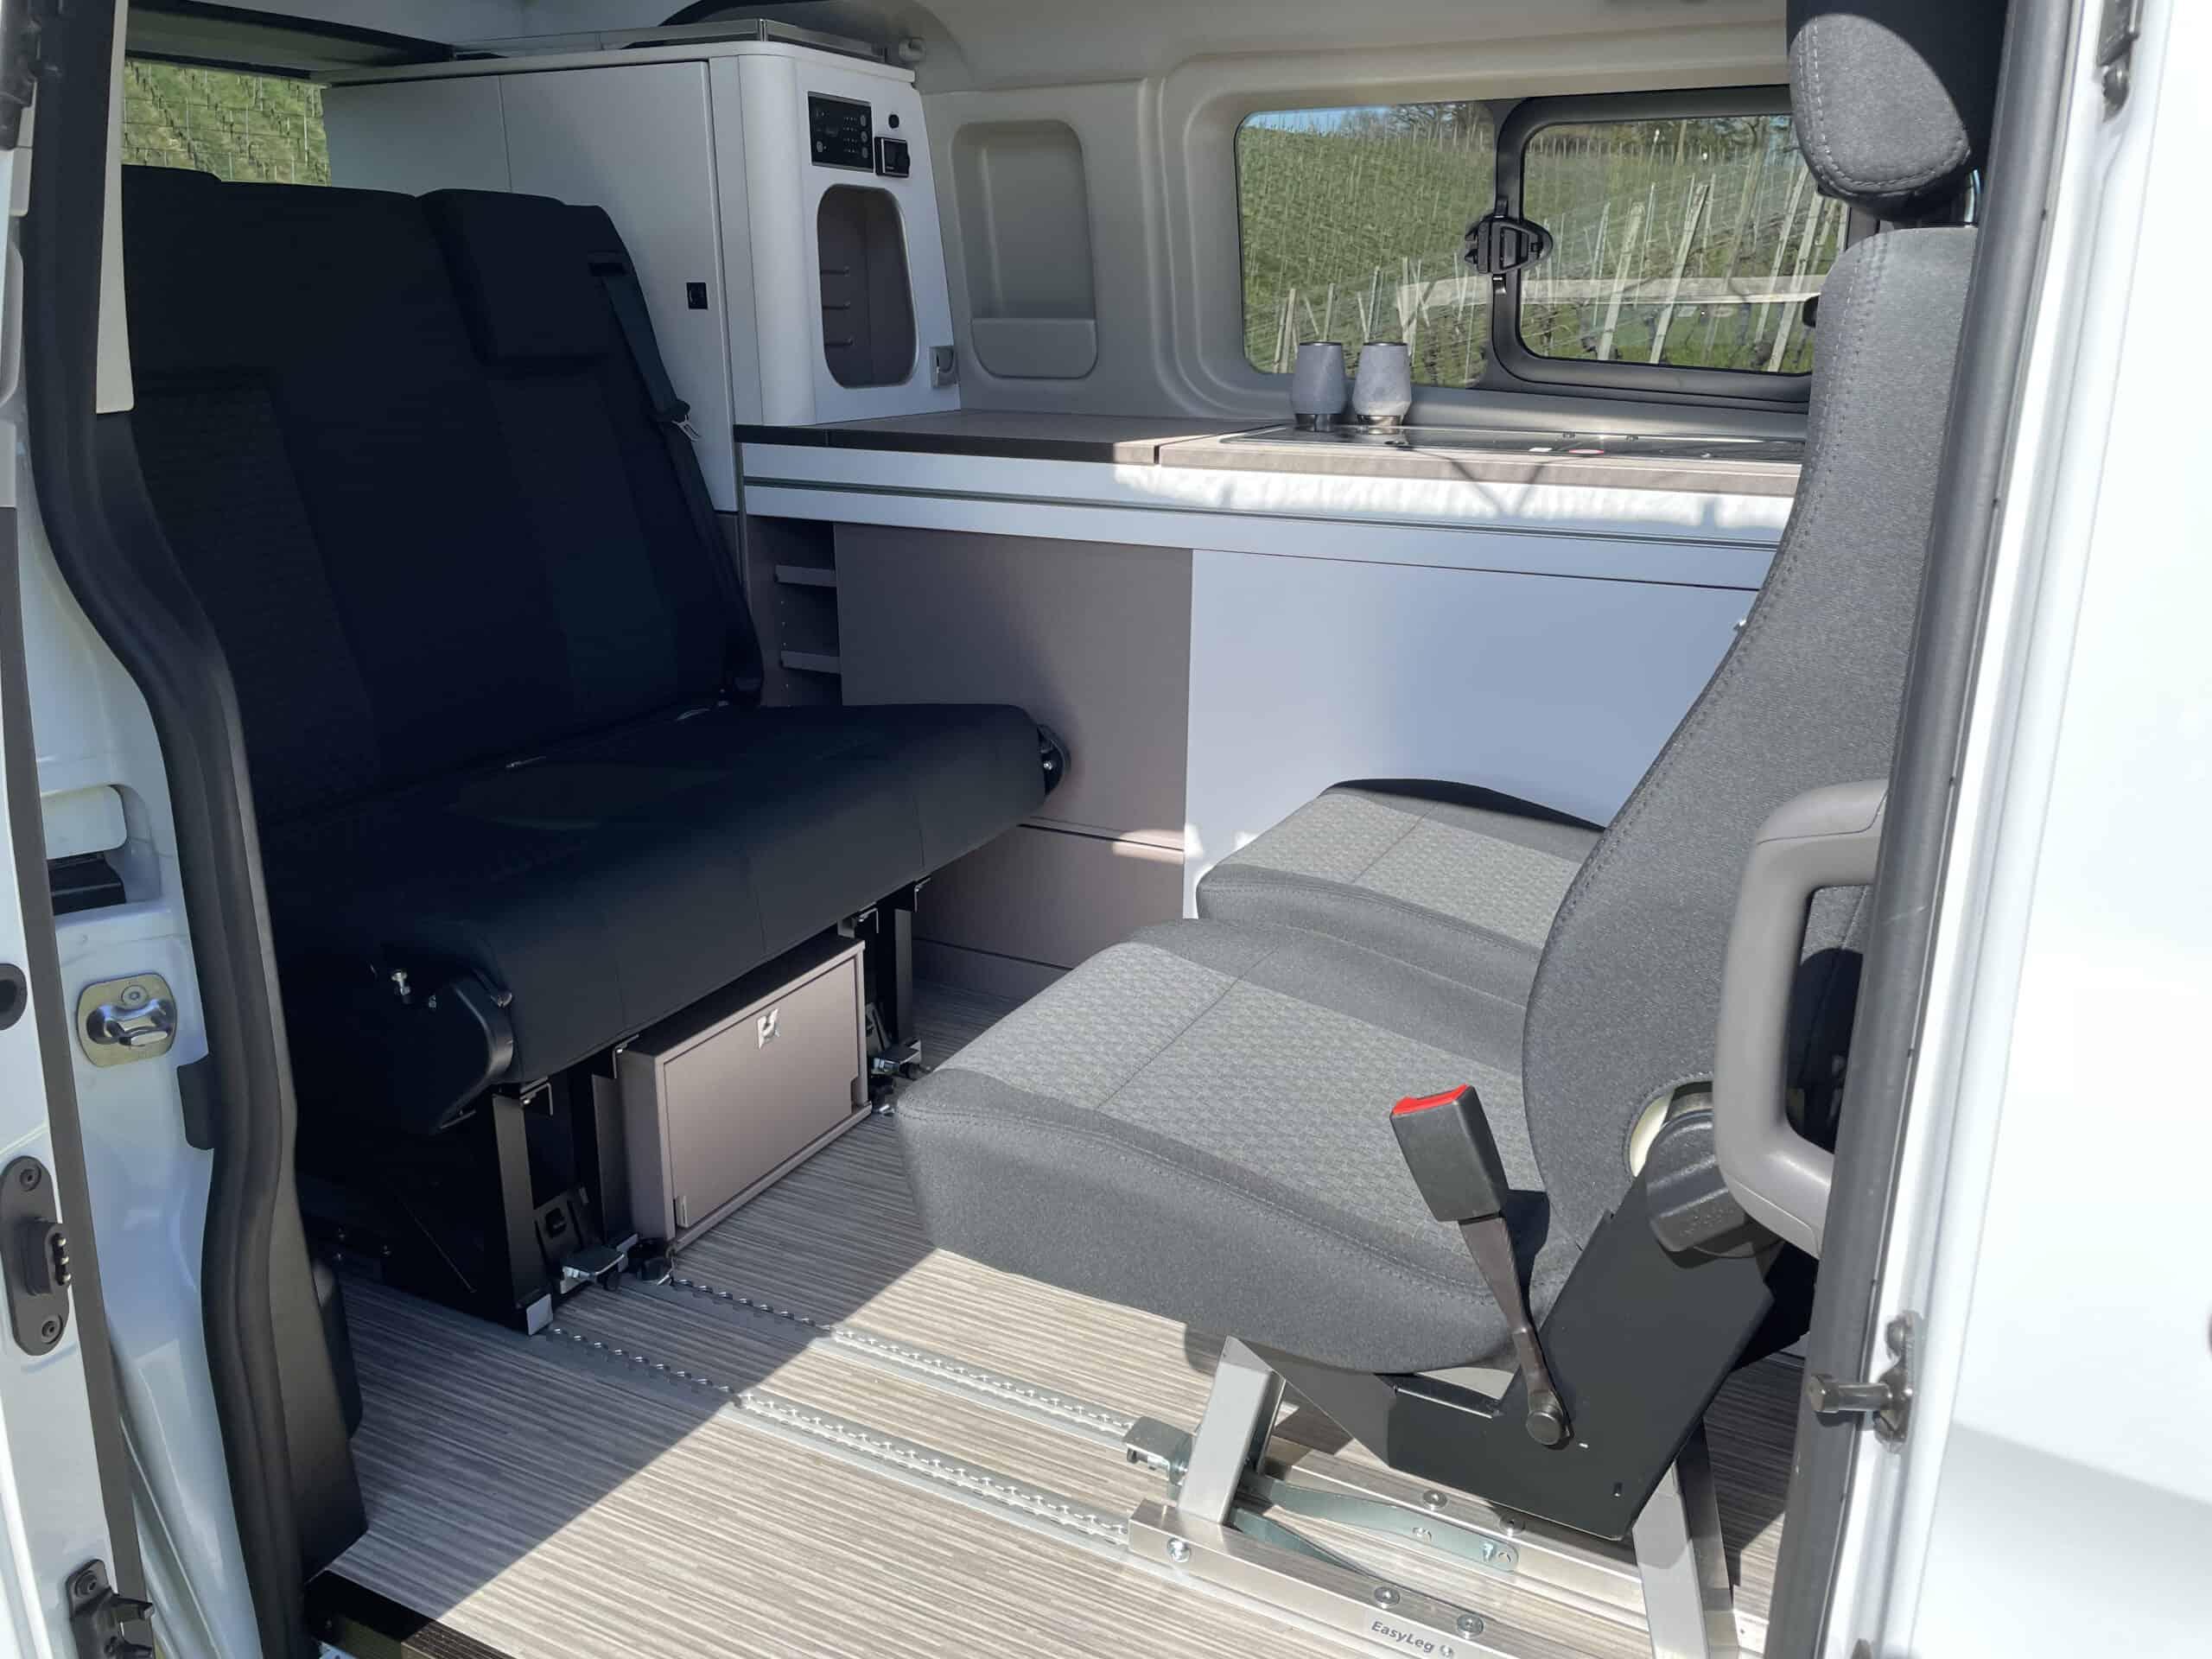 Bürstner Copa - Neuer CamperVan auf Ford Transit Basis, Einzelsitze